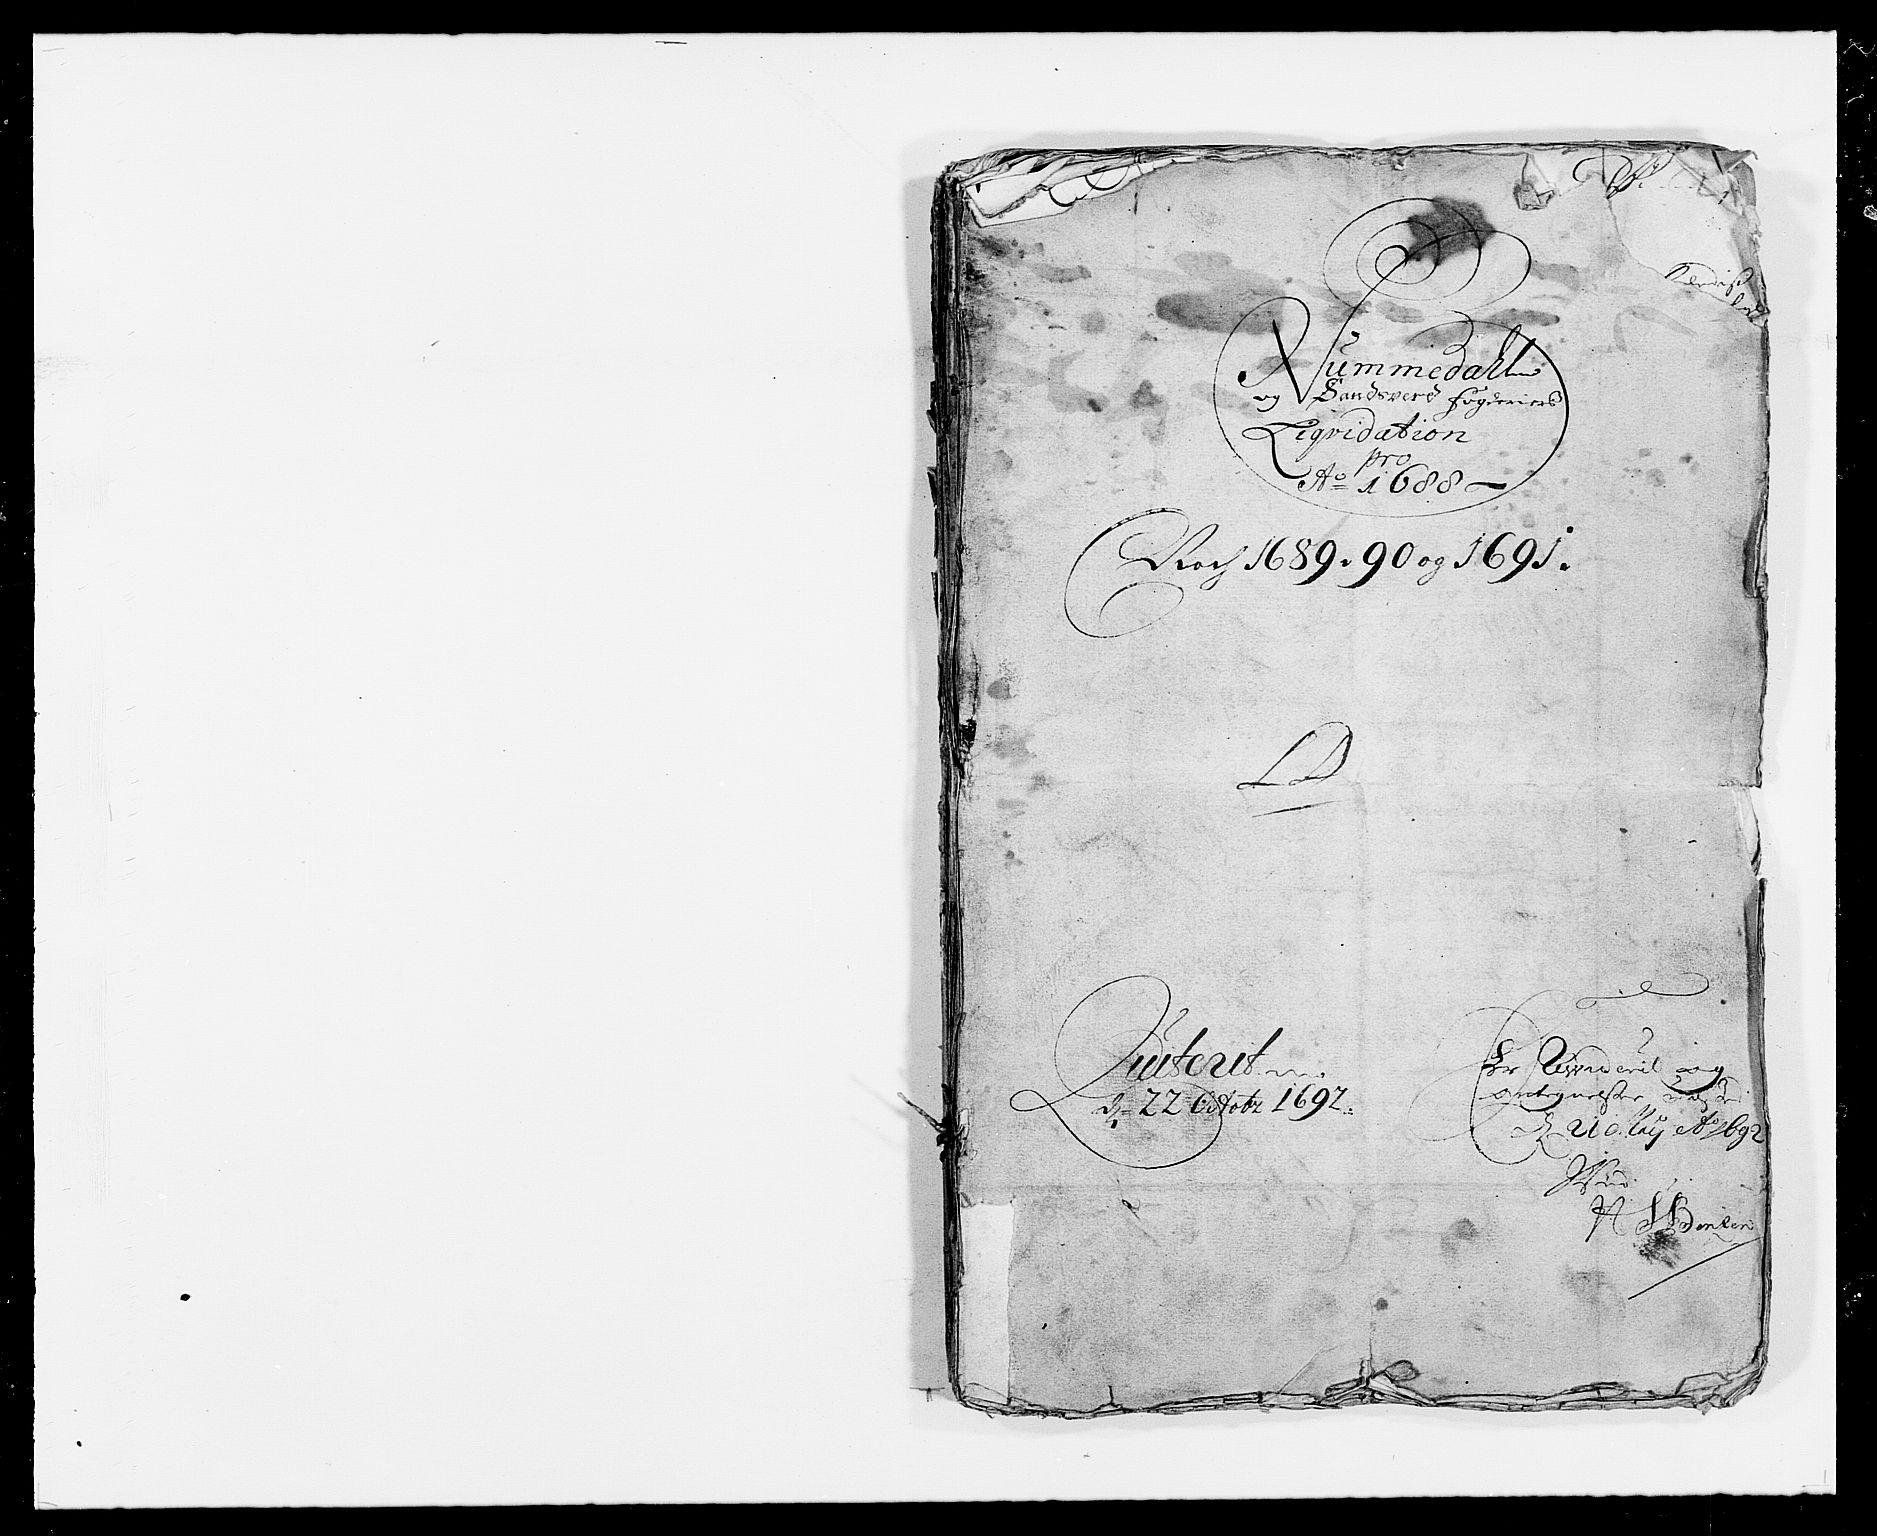 RA, Rentekammeret inntil 1814, Reviderte regnskaper, Fogderegnskap, R24/L1573: Fogderegnskap Numedal og Sandsvær, 1687-1691, s. 222